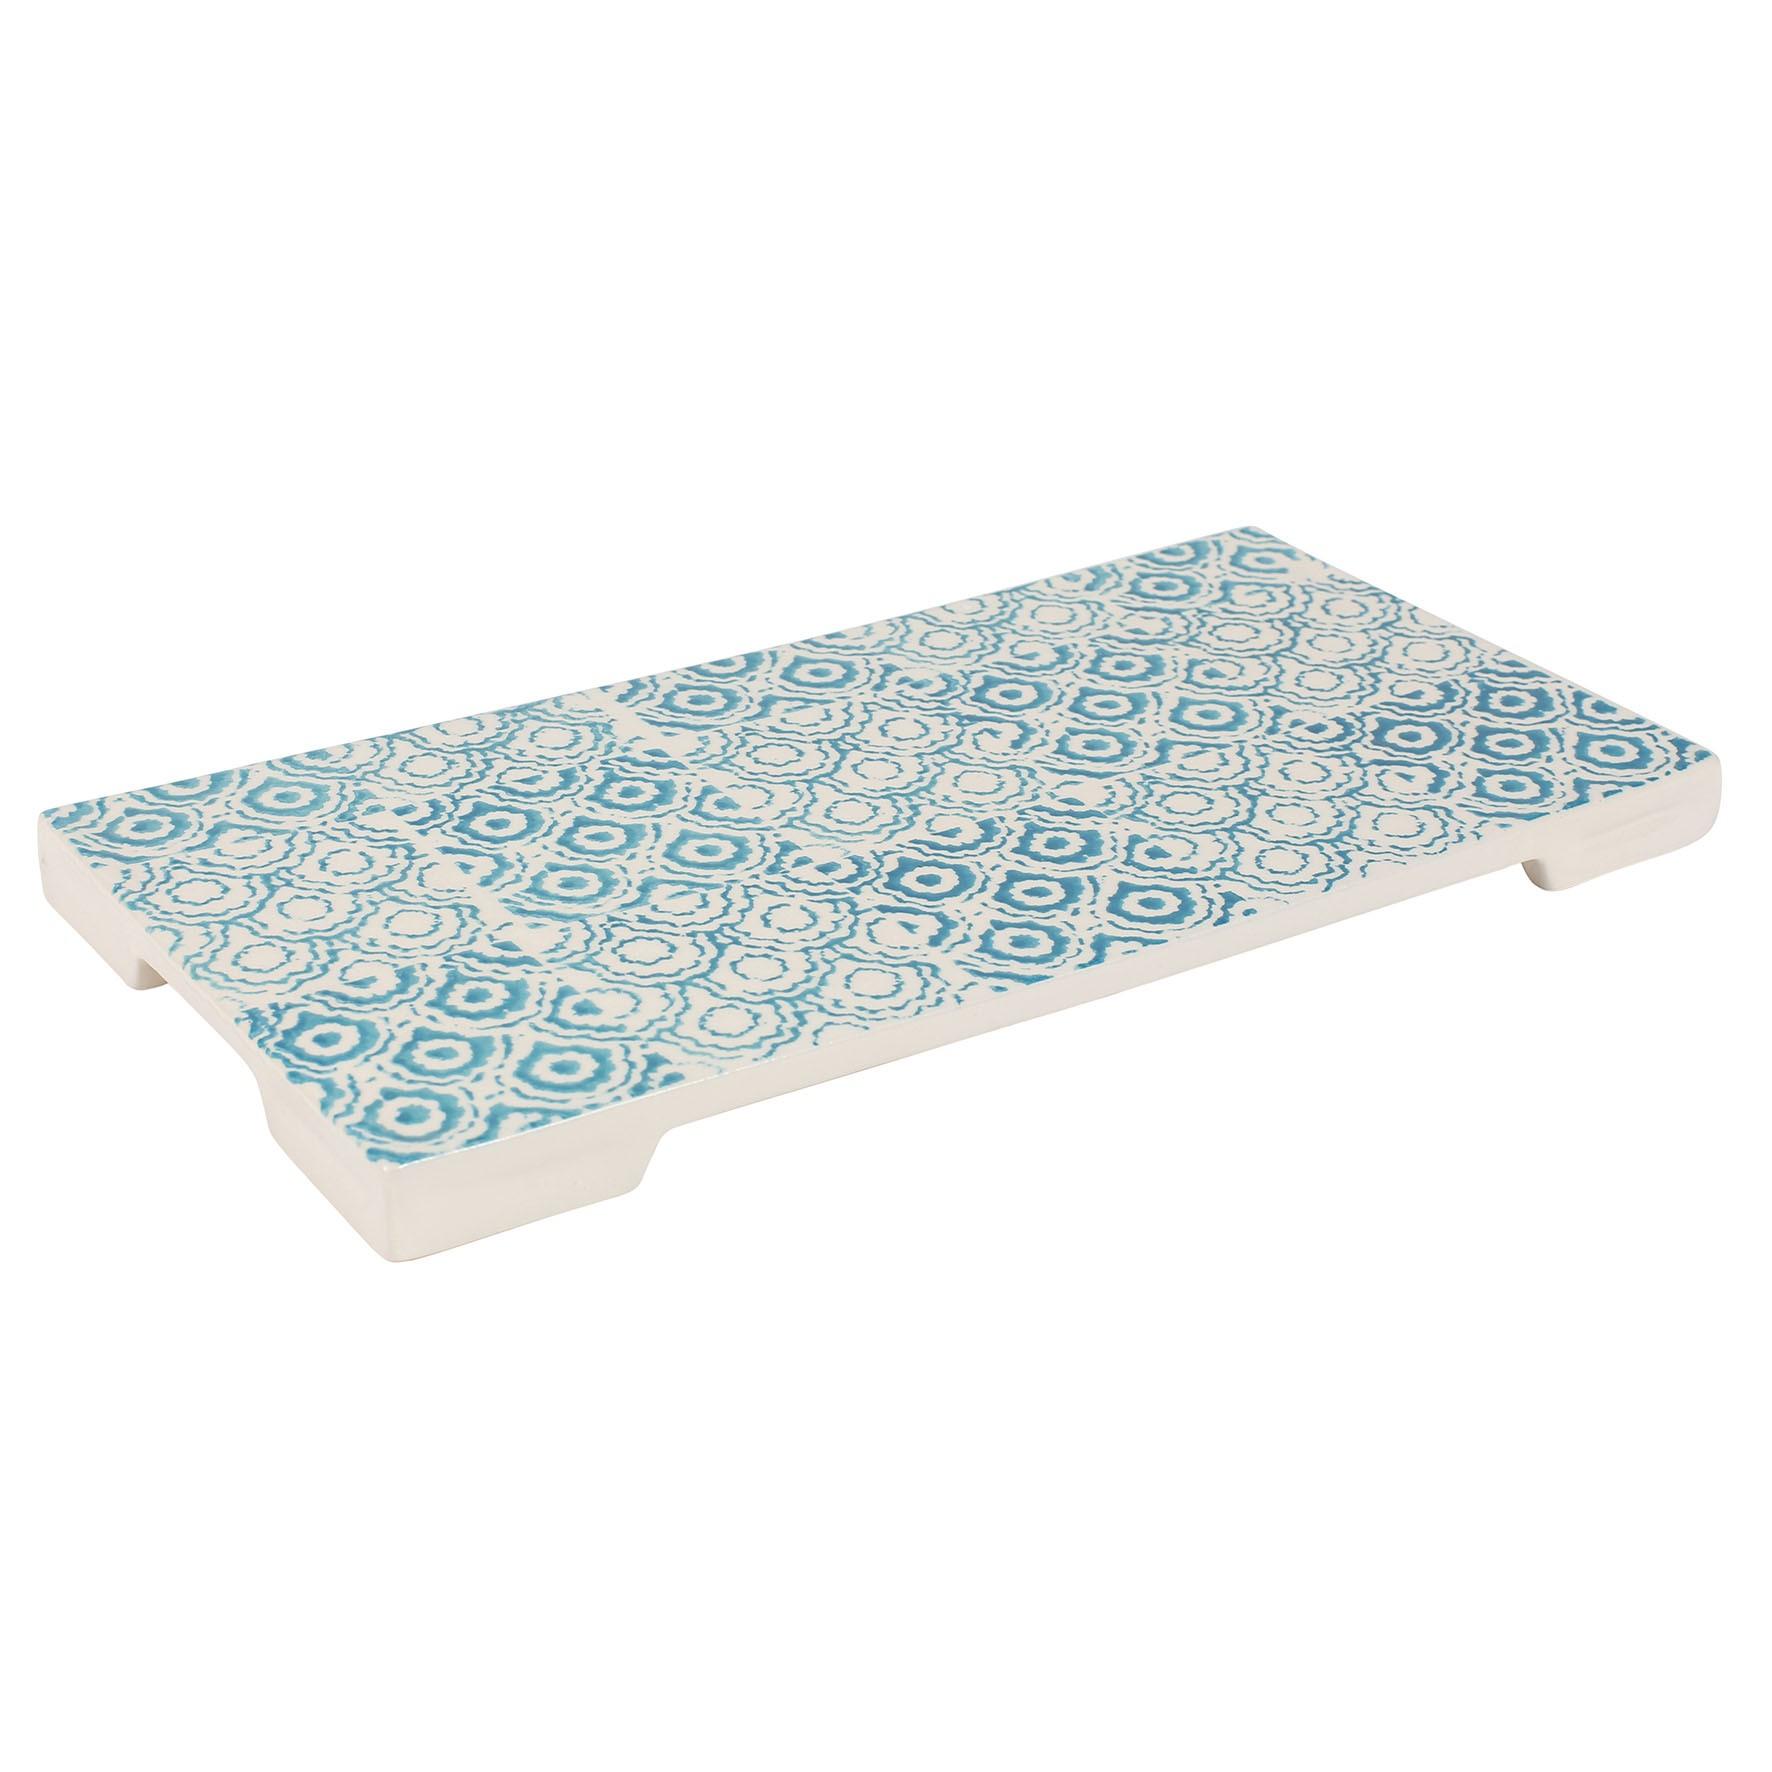 Tatouage - dessous plat tatouage bleu et blanc 30,5x15,5cm